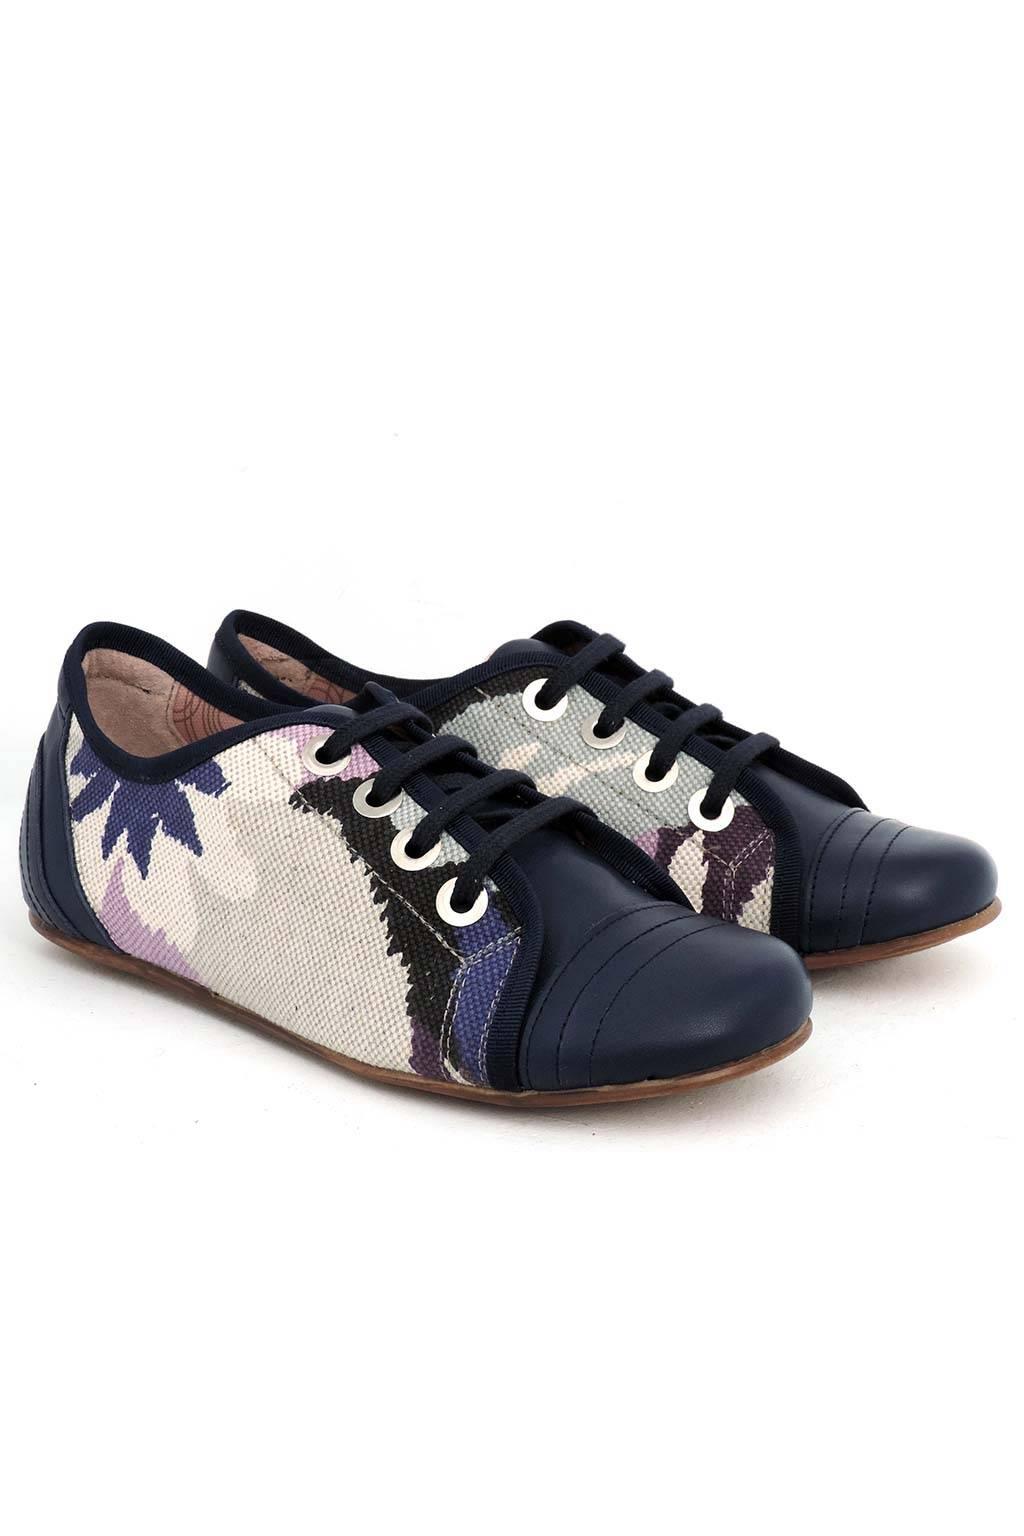 Zapato piel y tejido